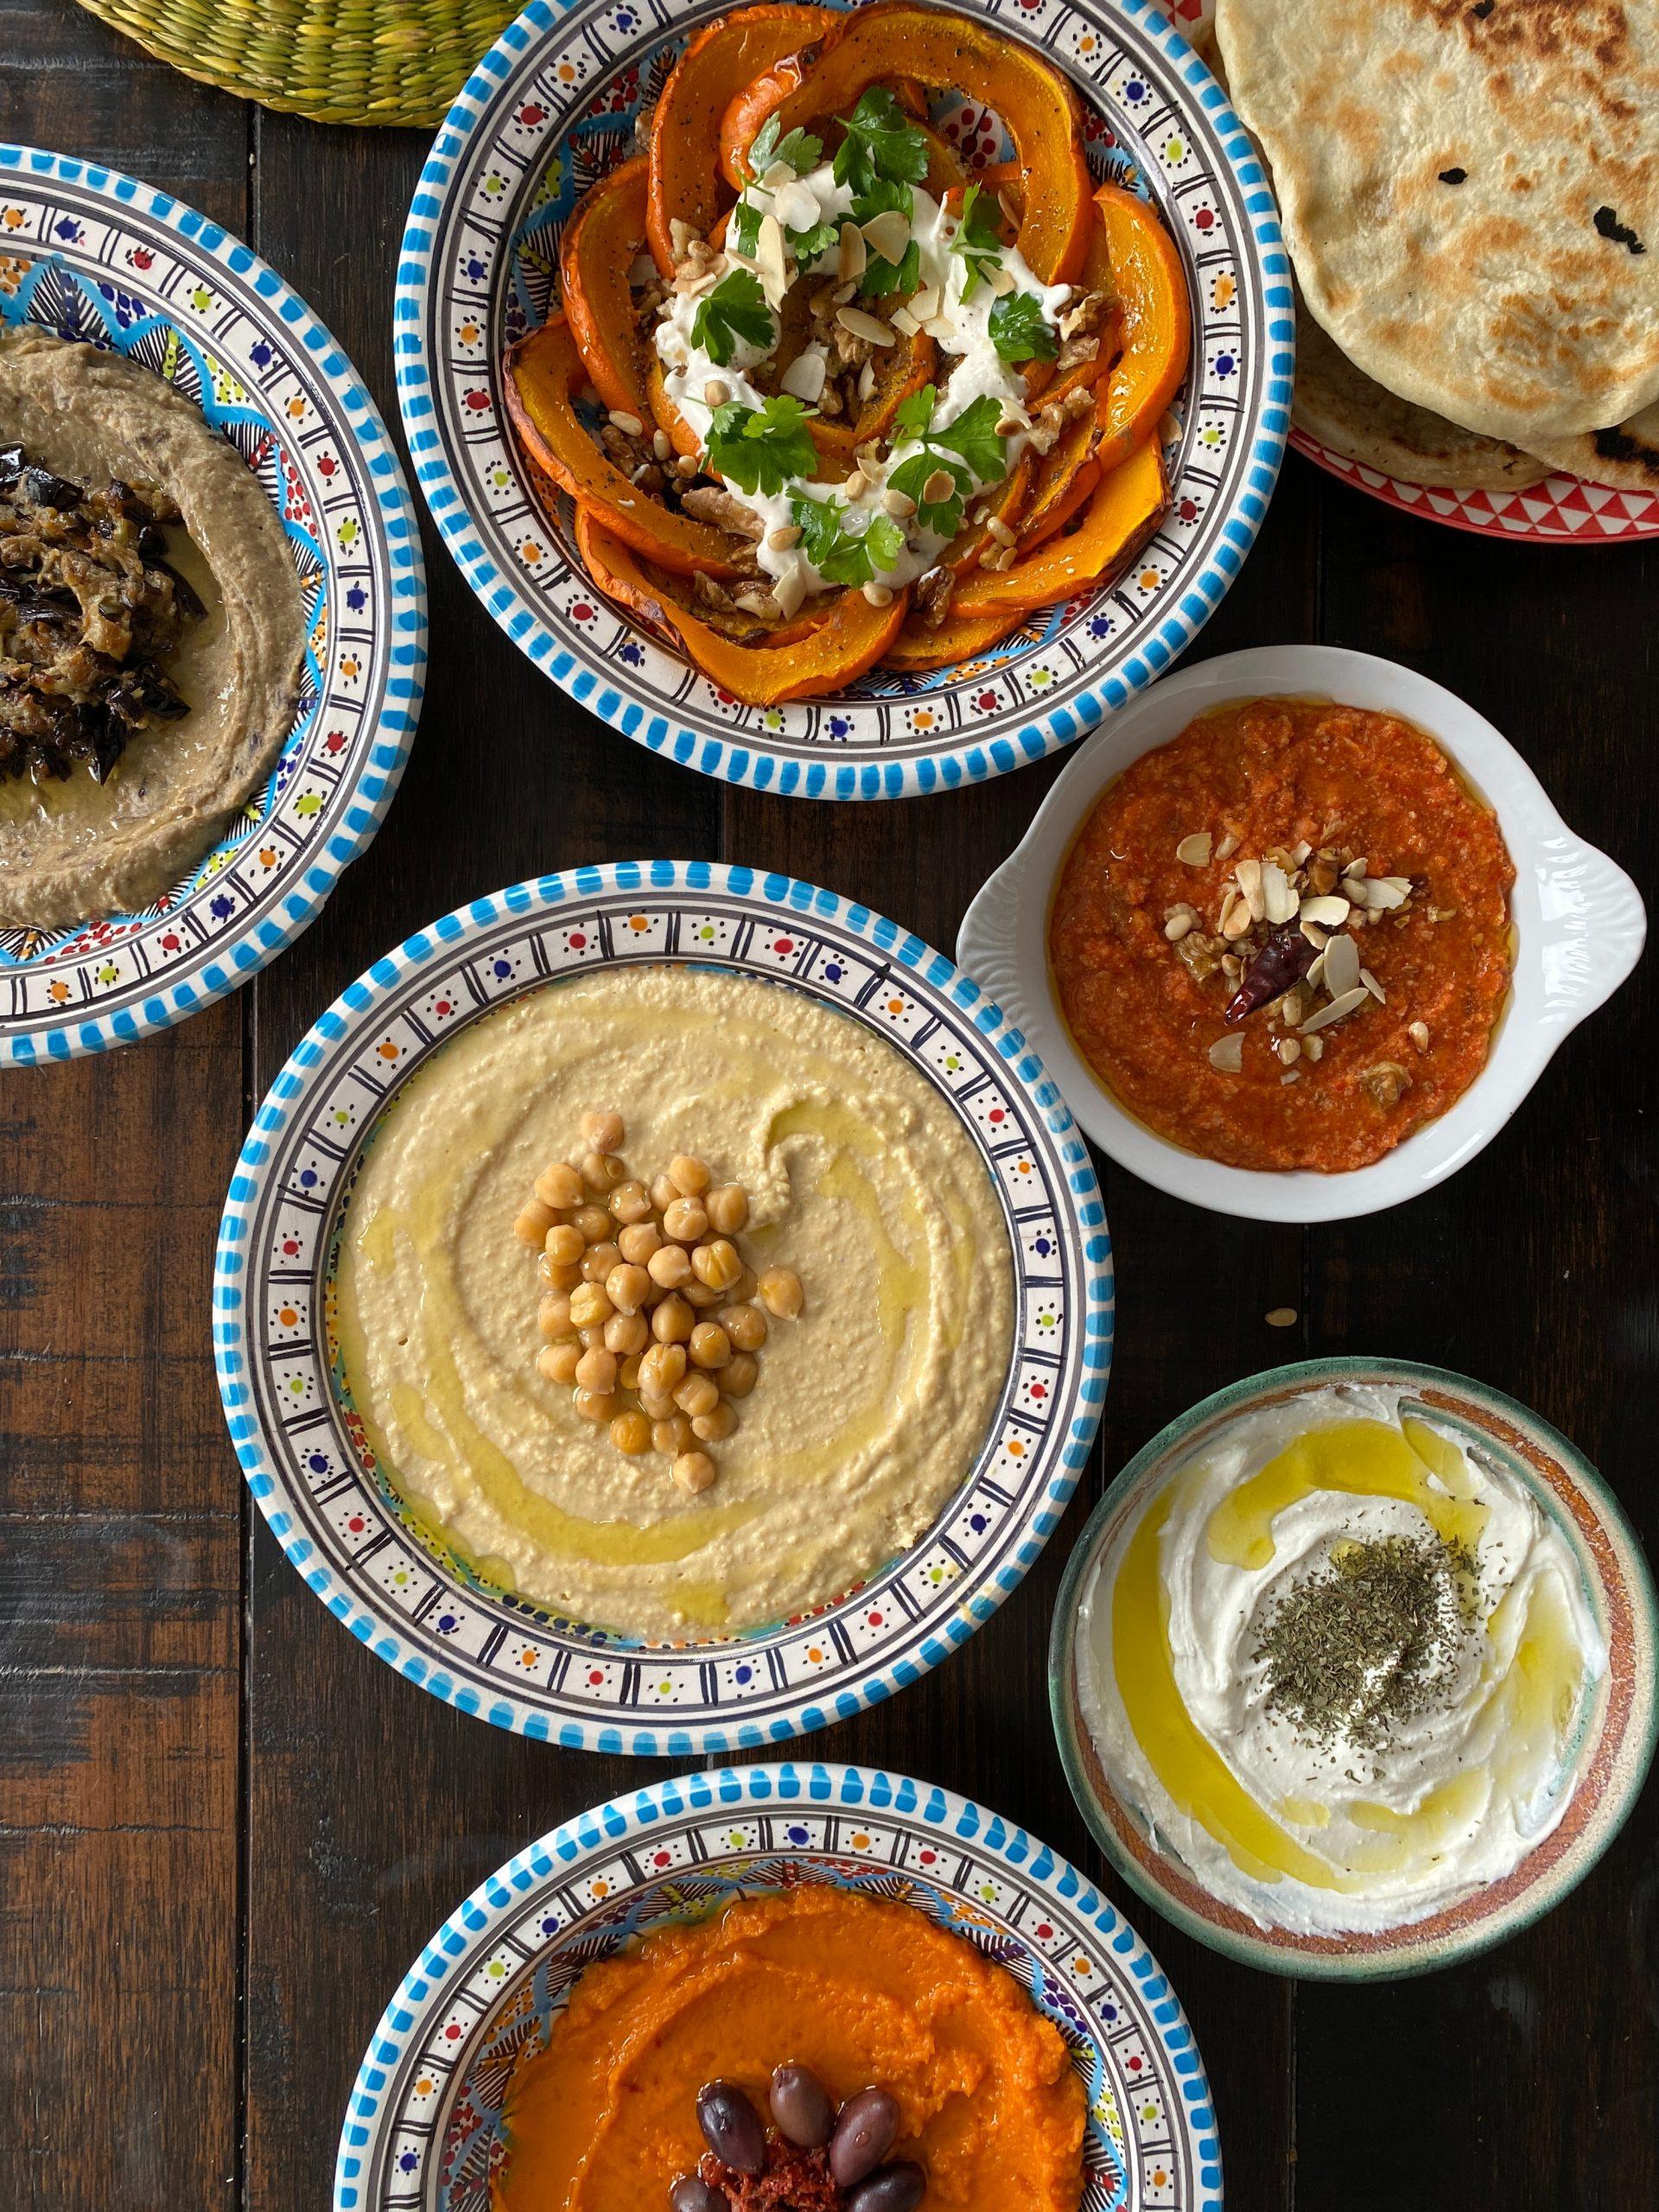 vegetarian food in Cyprus, vegan food in Cyprus, Vegetarian Dishes In Cyprus, Mezevegan dishes in Cyprus, Vegetarian Meze